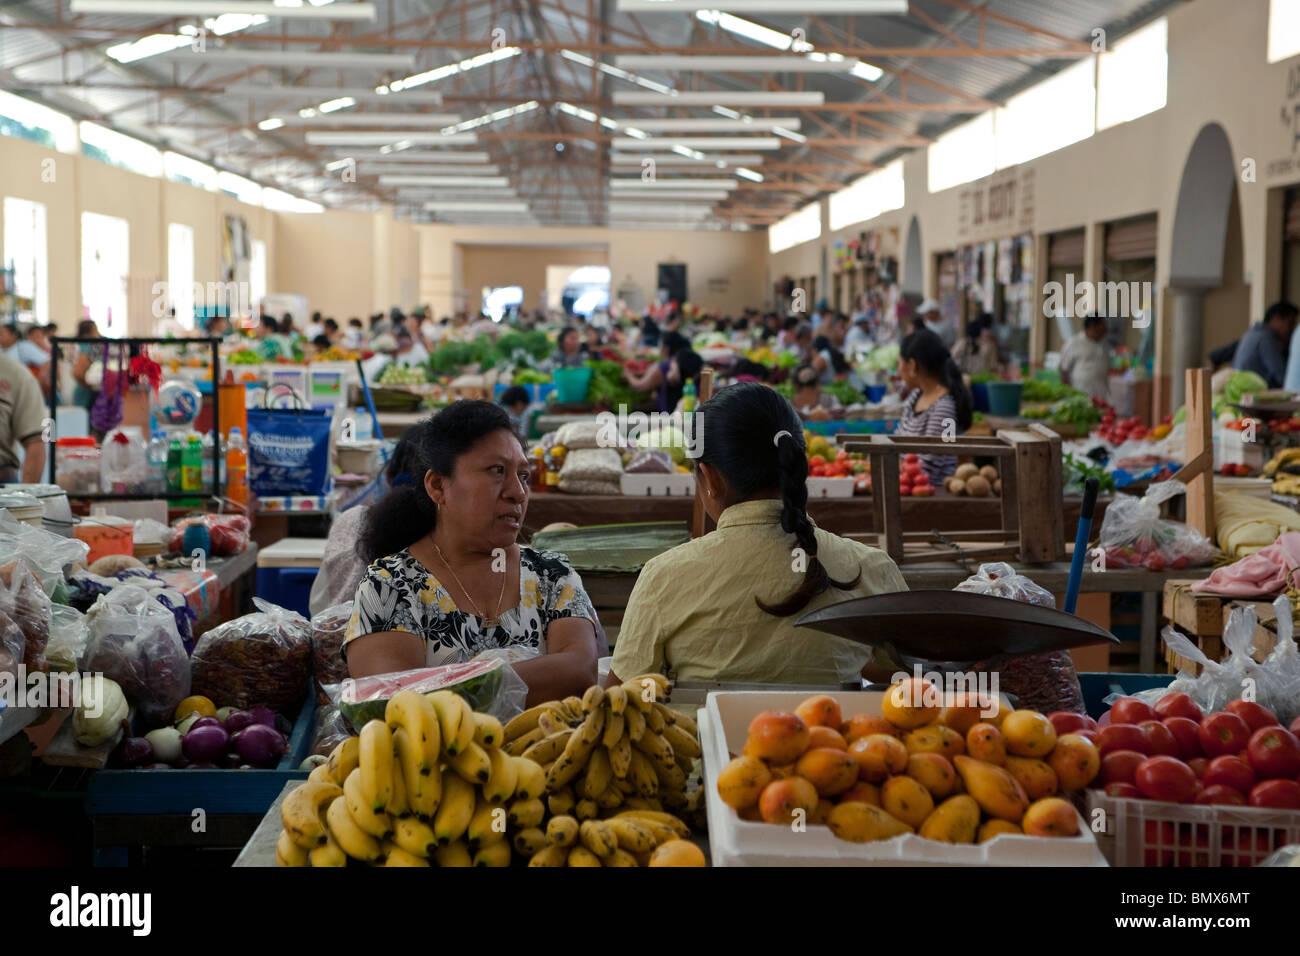 Vista di Valladolid piazzali di frutta e verdura del mercato principale con due donne messicane in primo piano essendo Immagini Stock